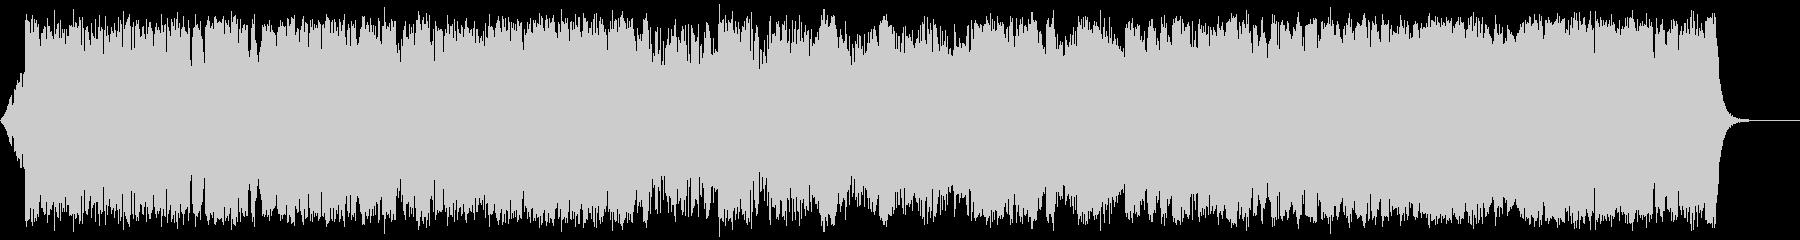 ダークファンタジーオーケストラ戦闘曲70の未再生の波形